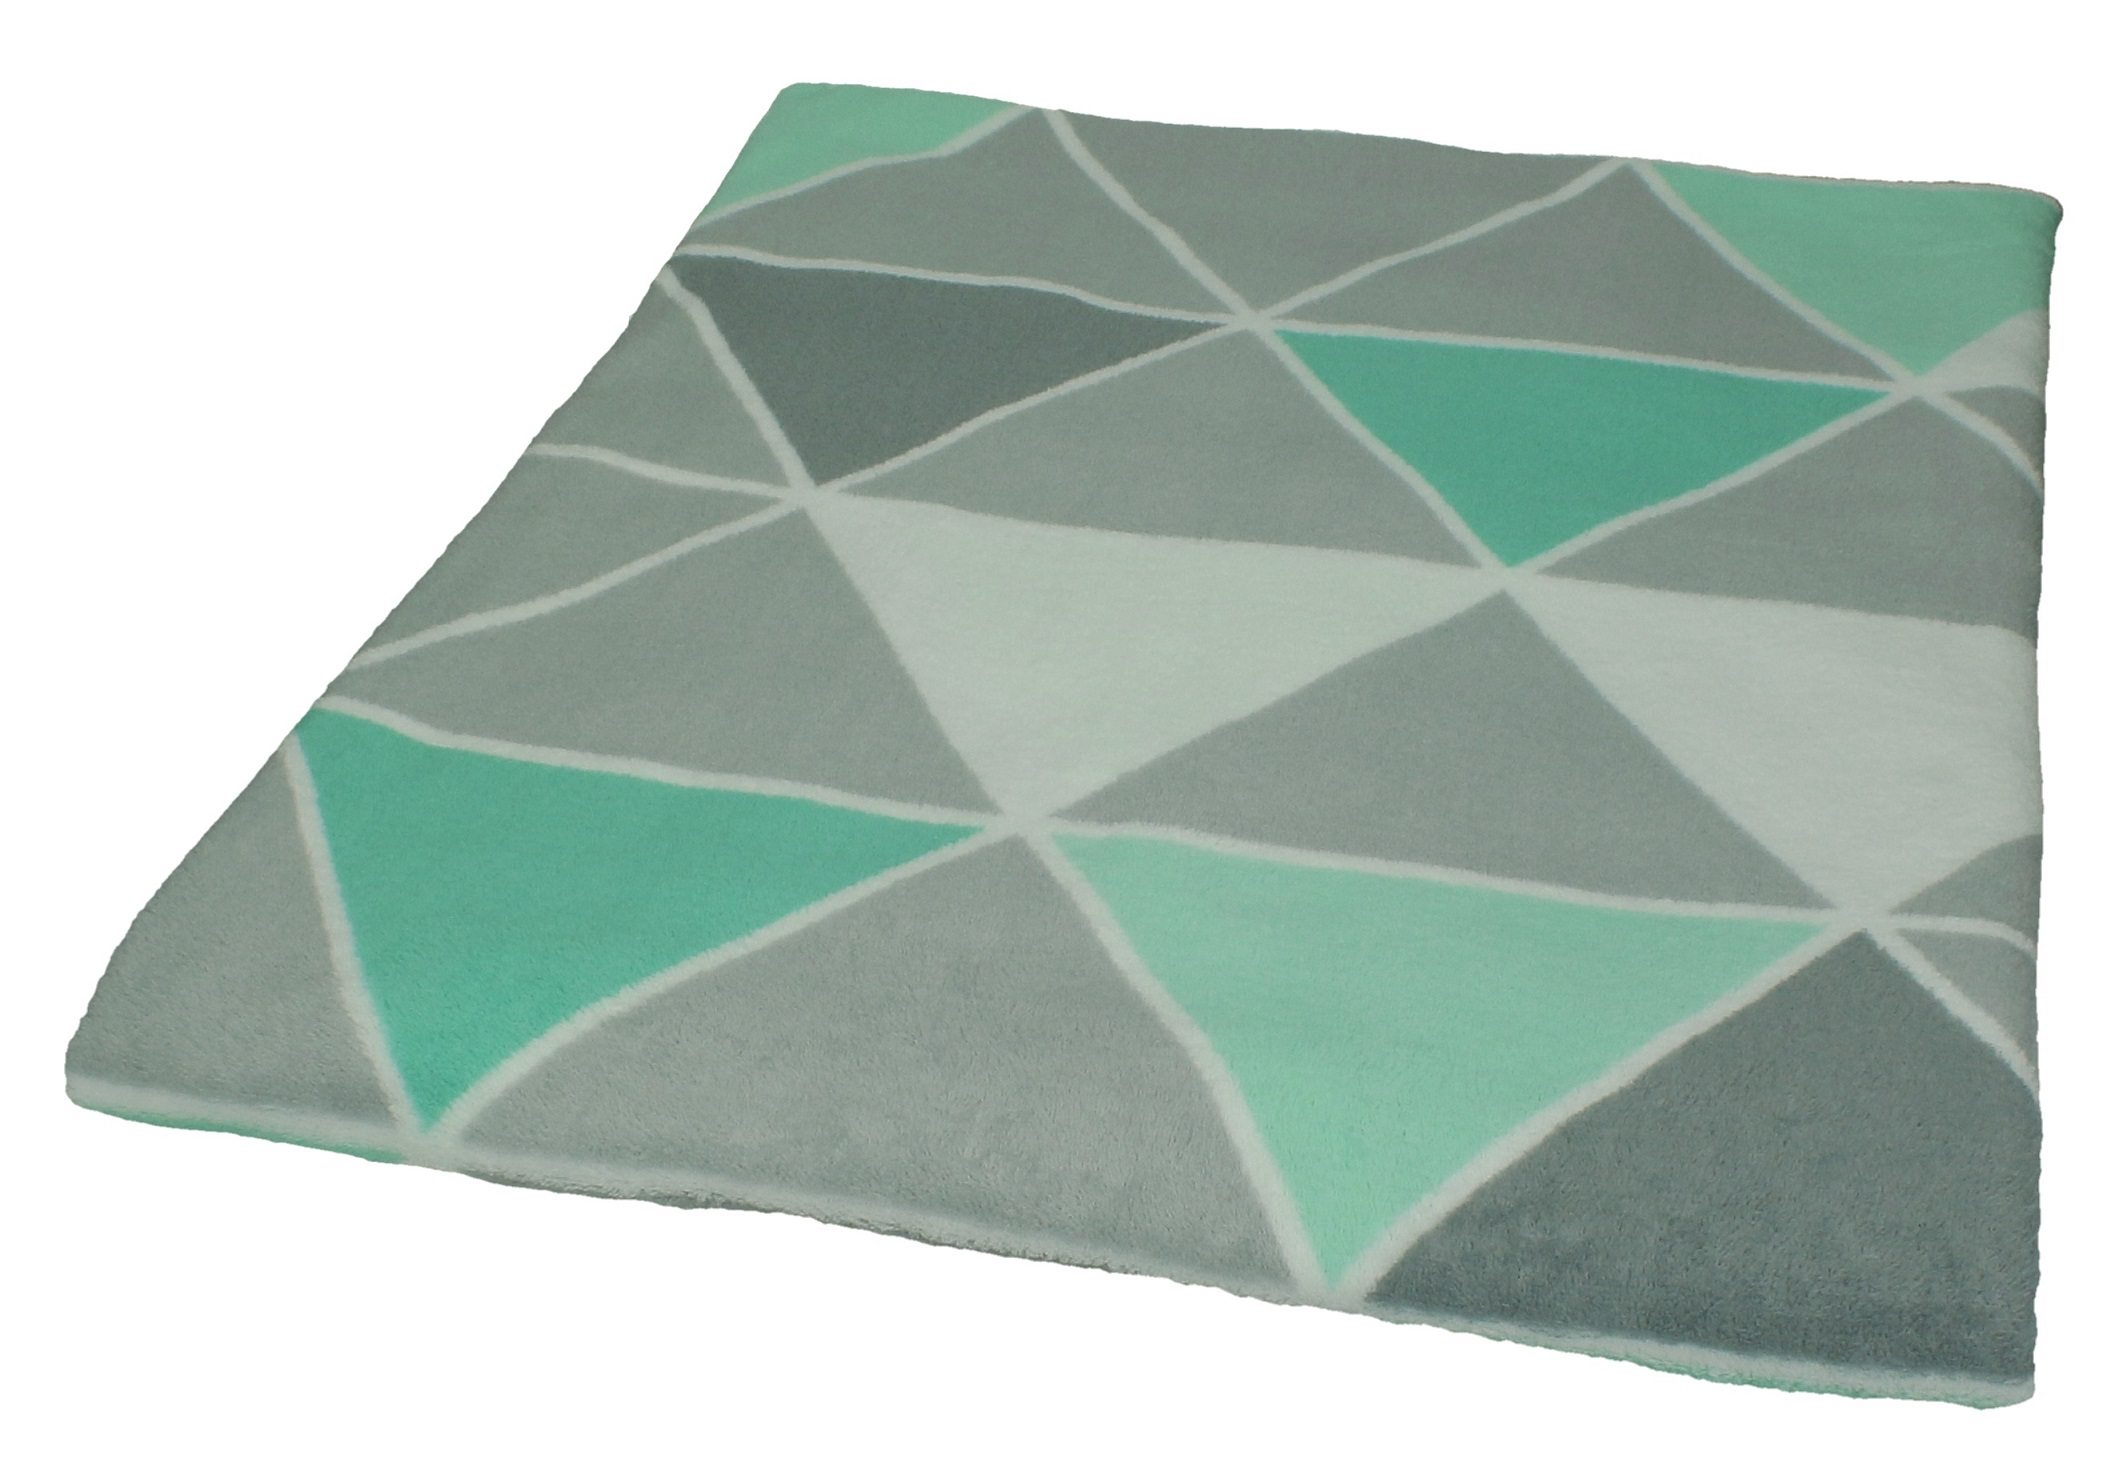 betz kuscheldecke wohndecke tagesdecke coraldecke. Black Bedroom Furniture Sets. Home Design Ideas